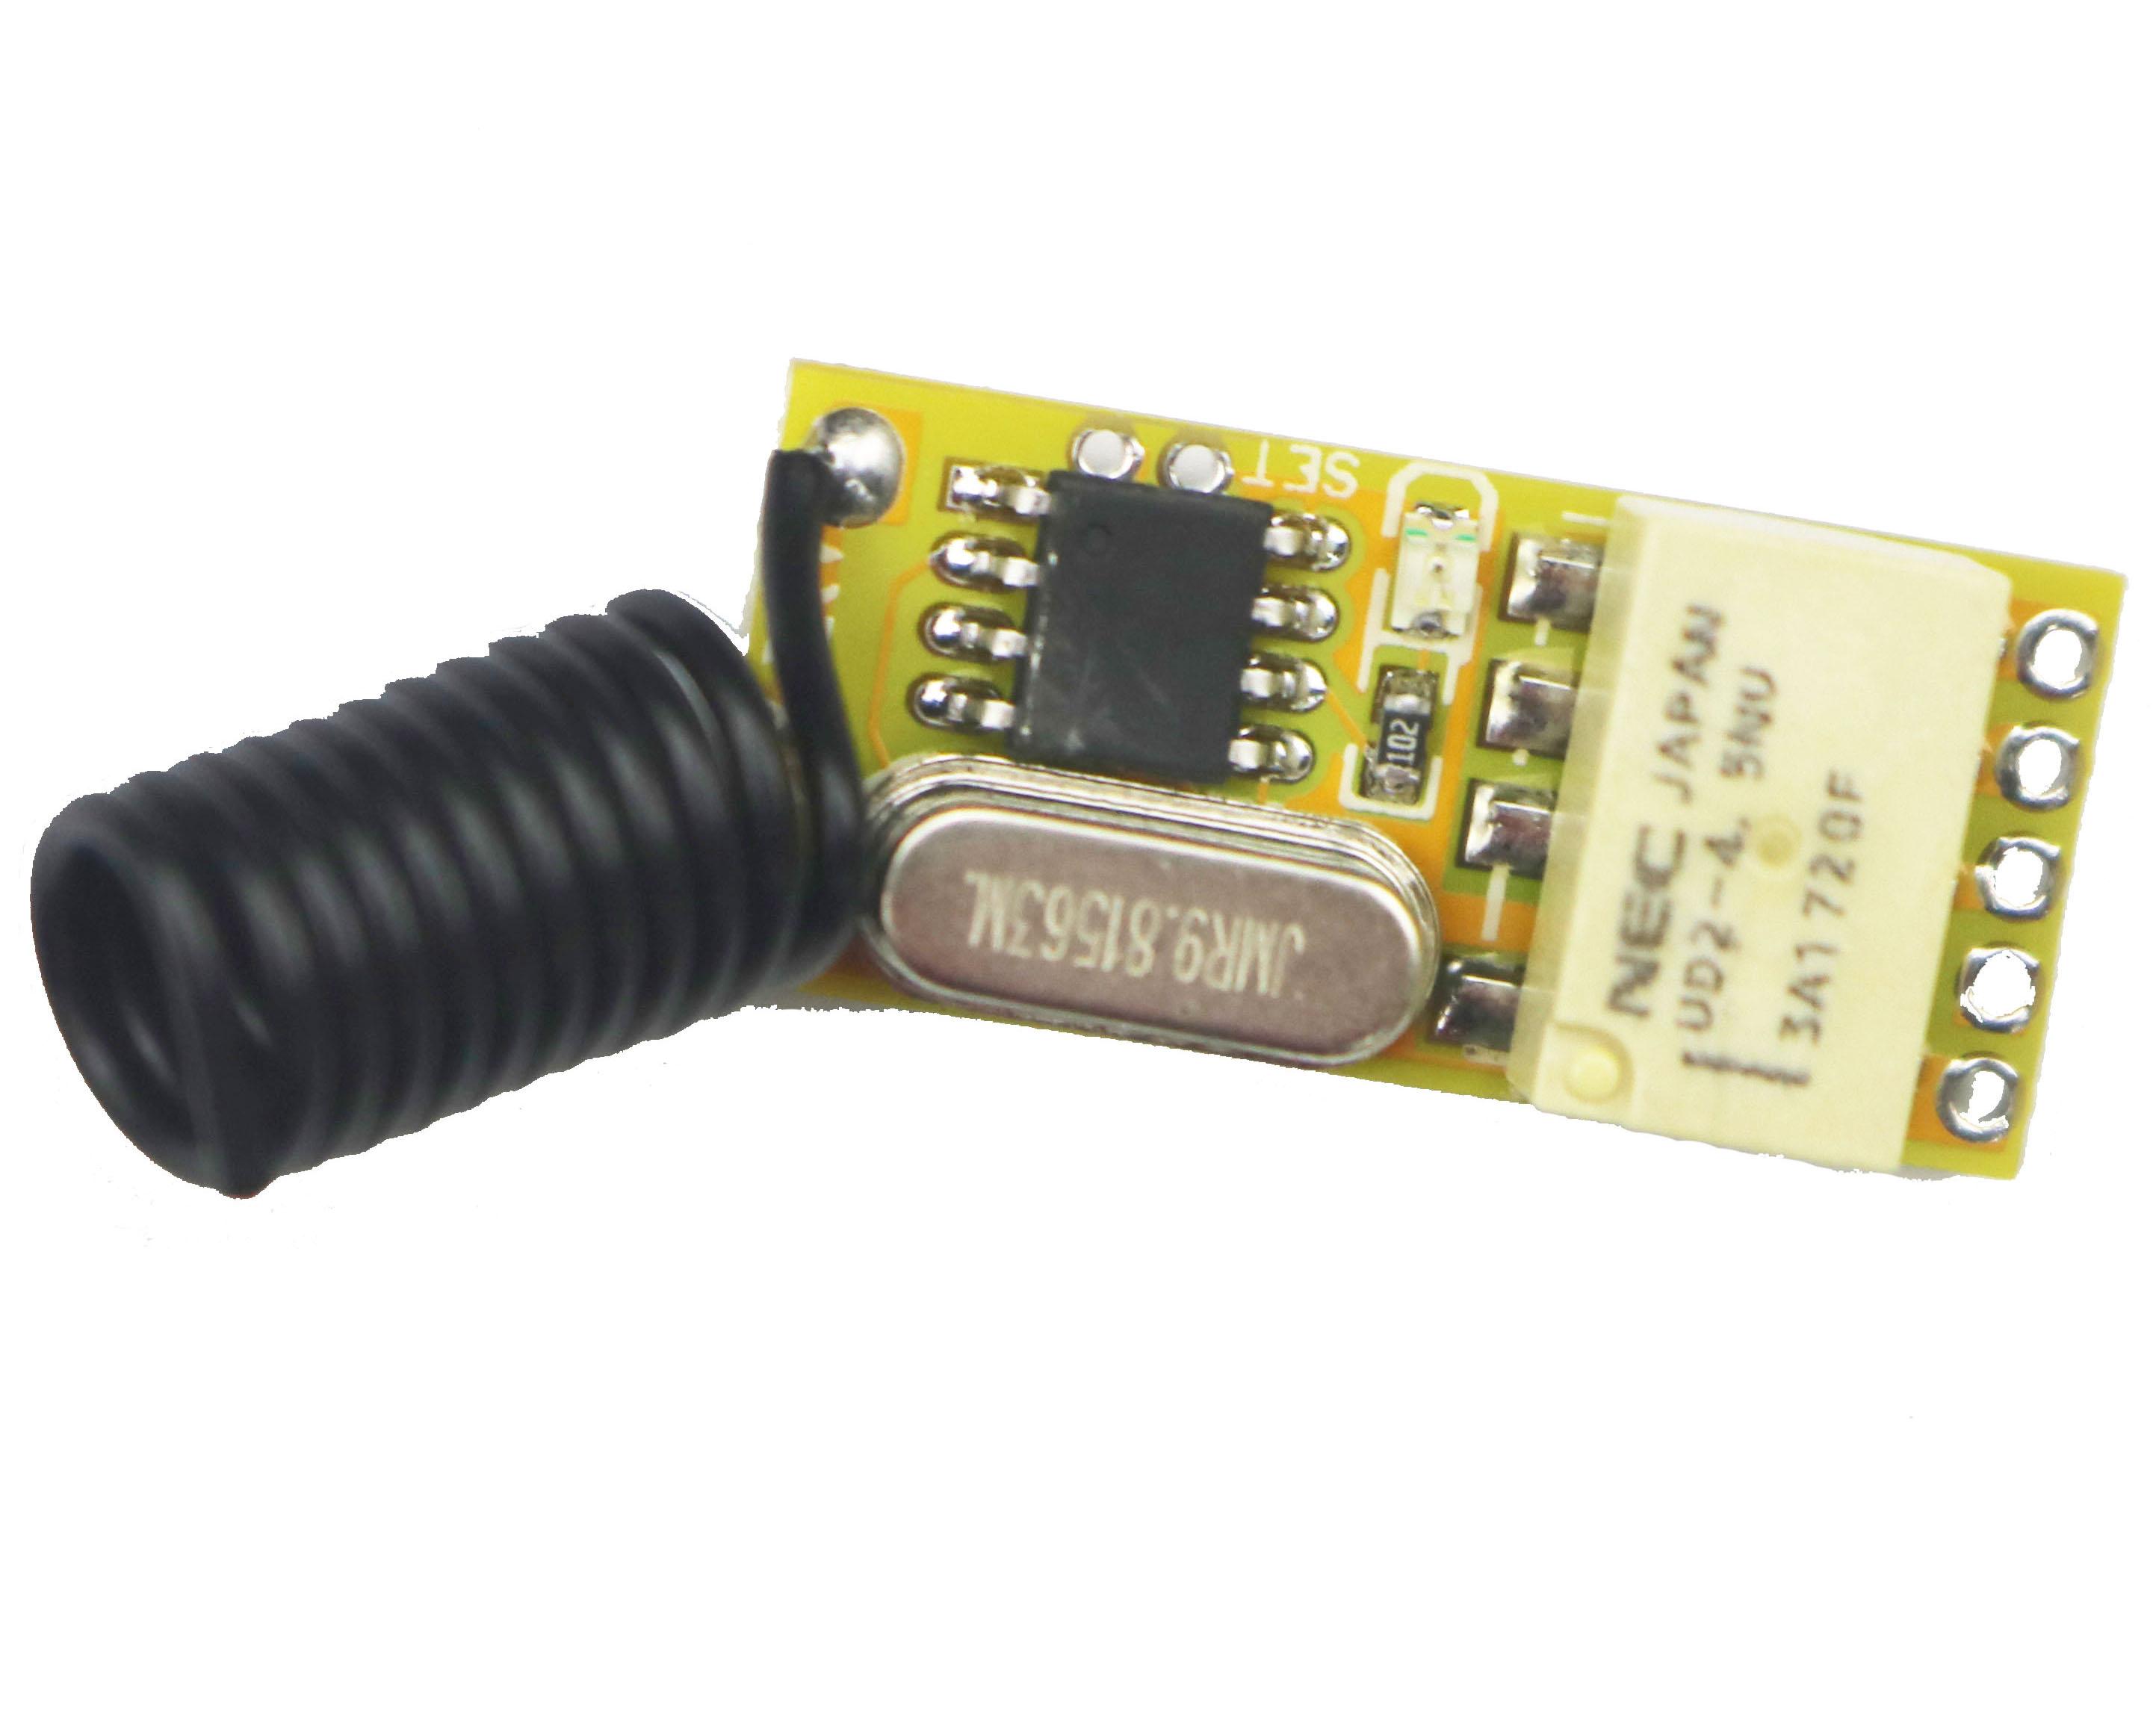 微型超小遥控开关电池低功耗接收模块AK-WK